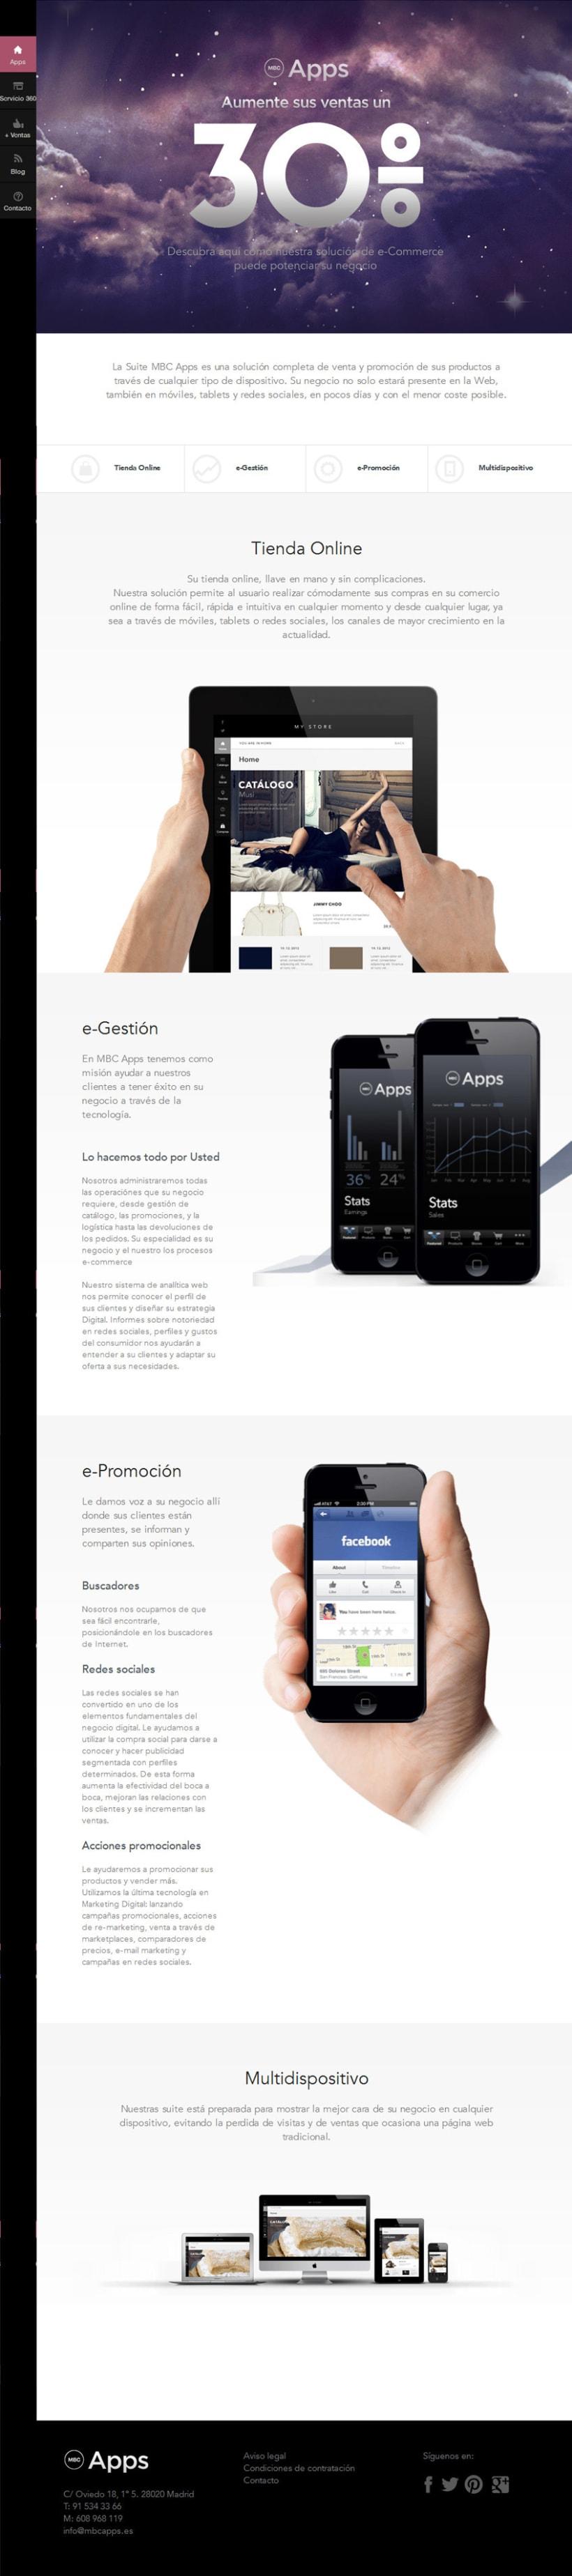 Responsive Design + CSS + xHTML - MBC Apps 0